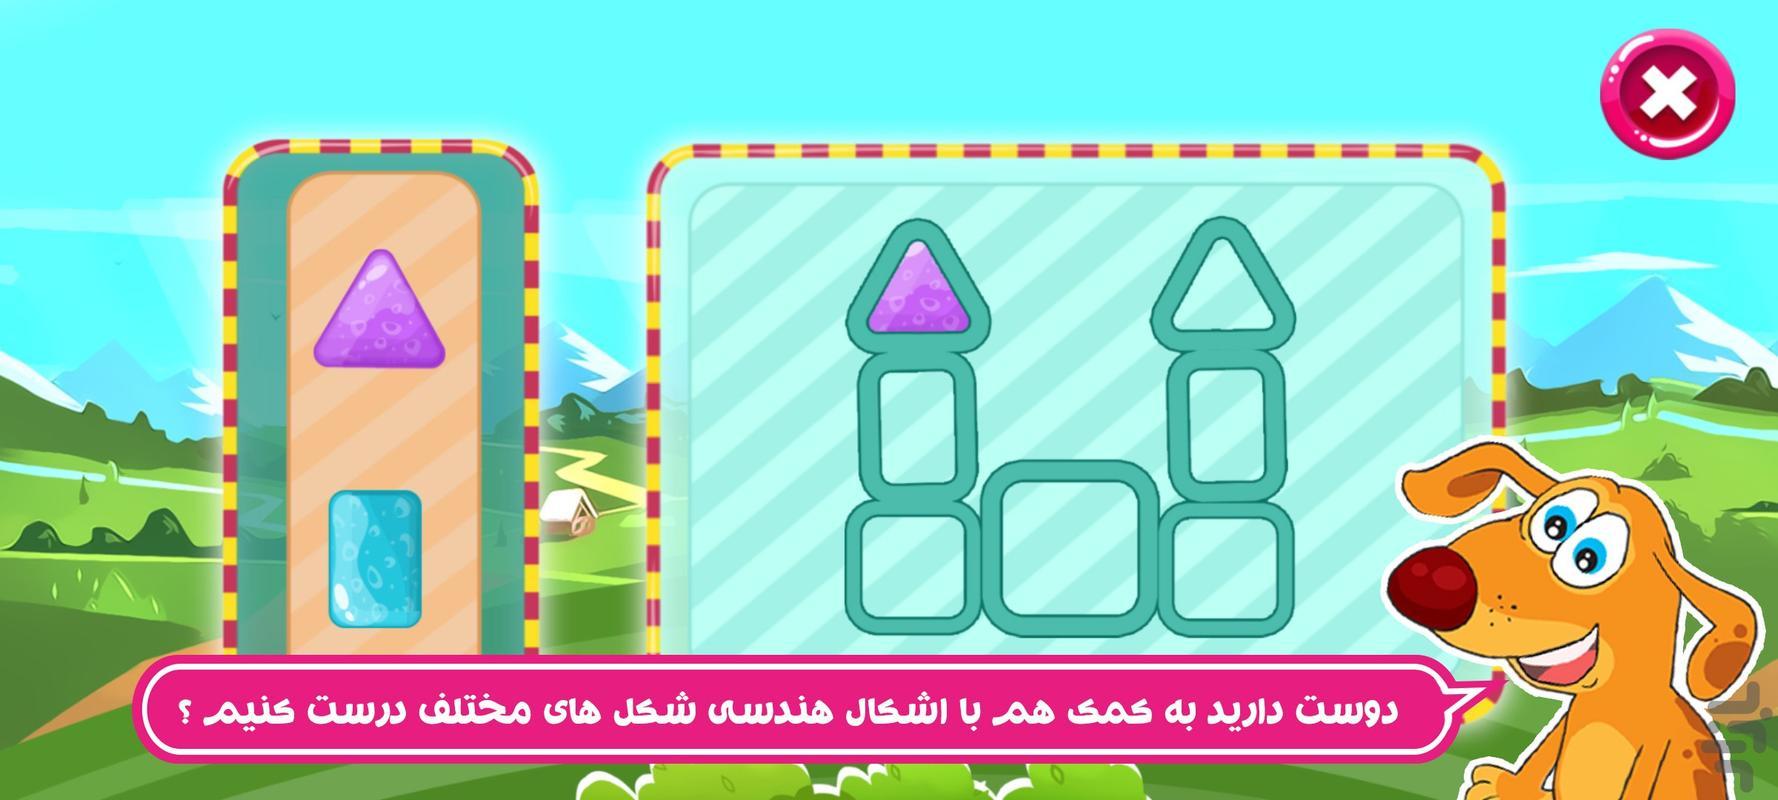 پاپیتا پرشین (آموزش پیش دبستانی) - عکس بازی موبایلی اندروید